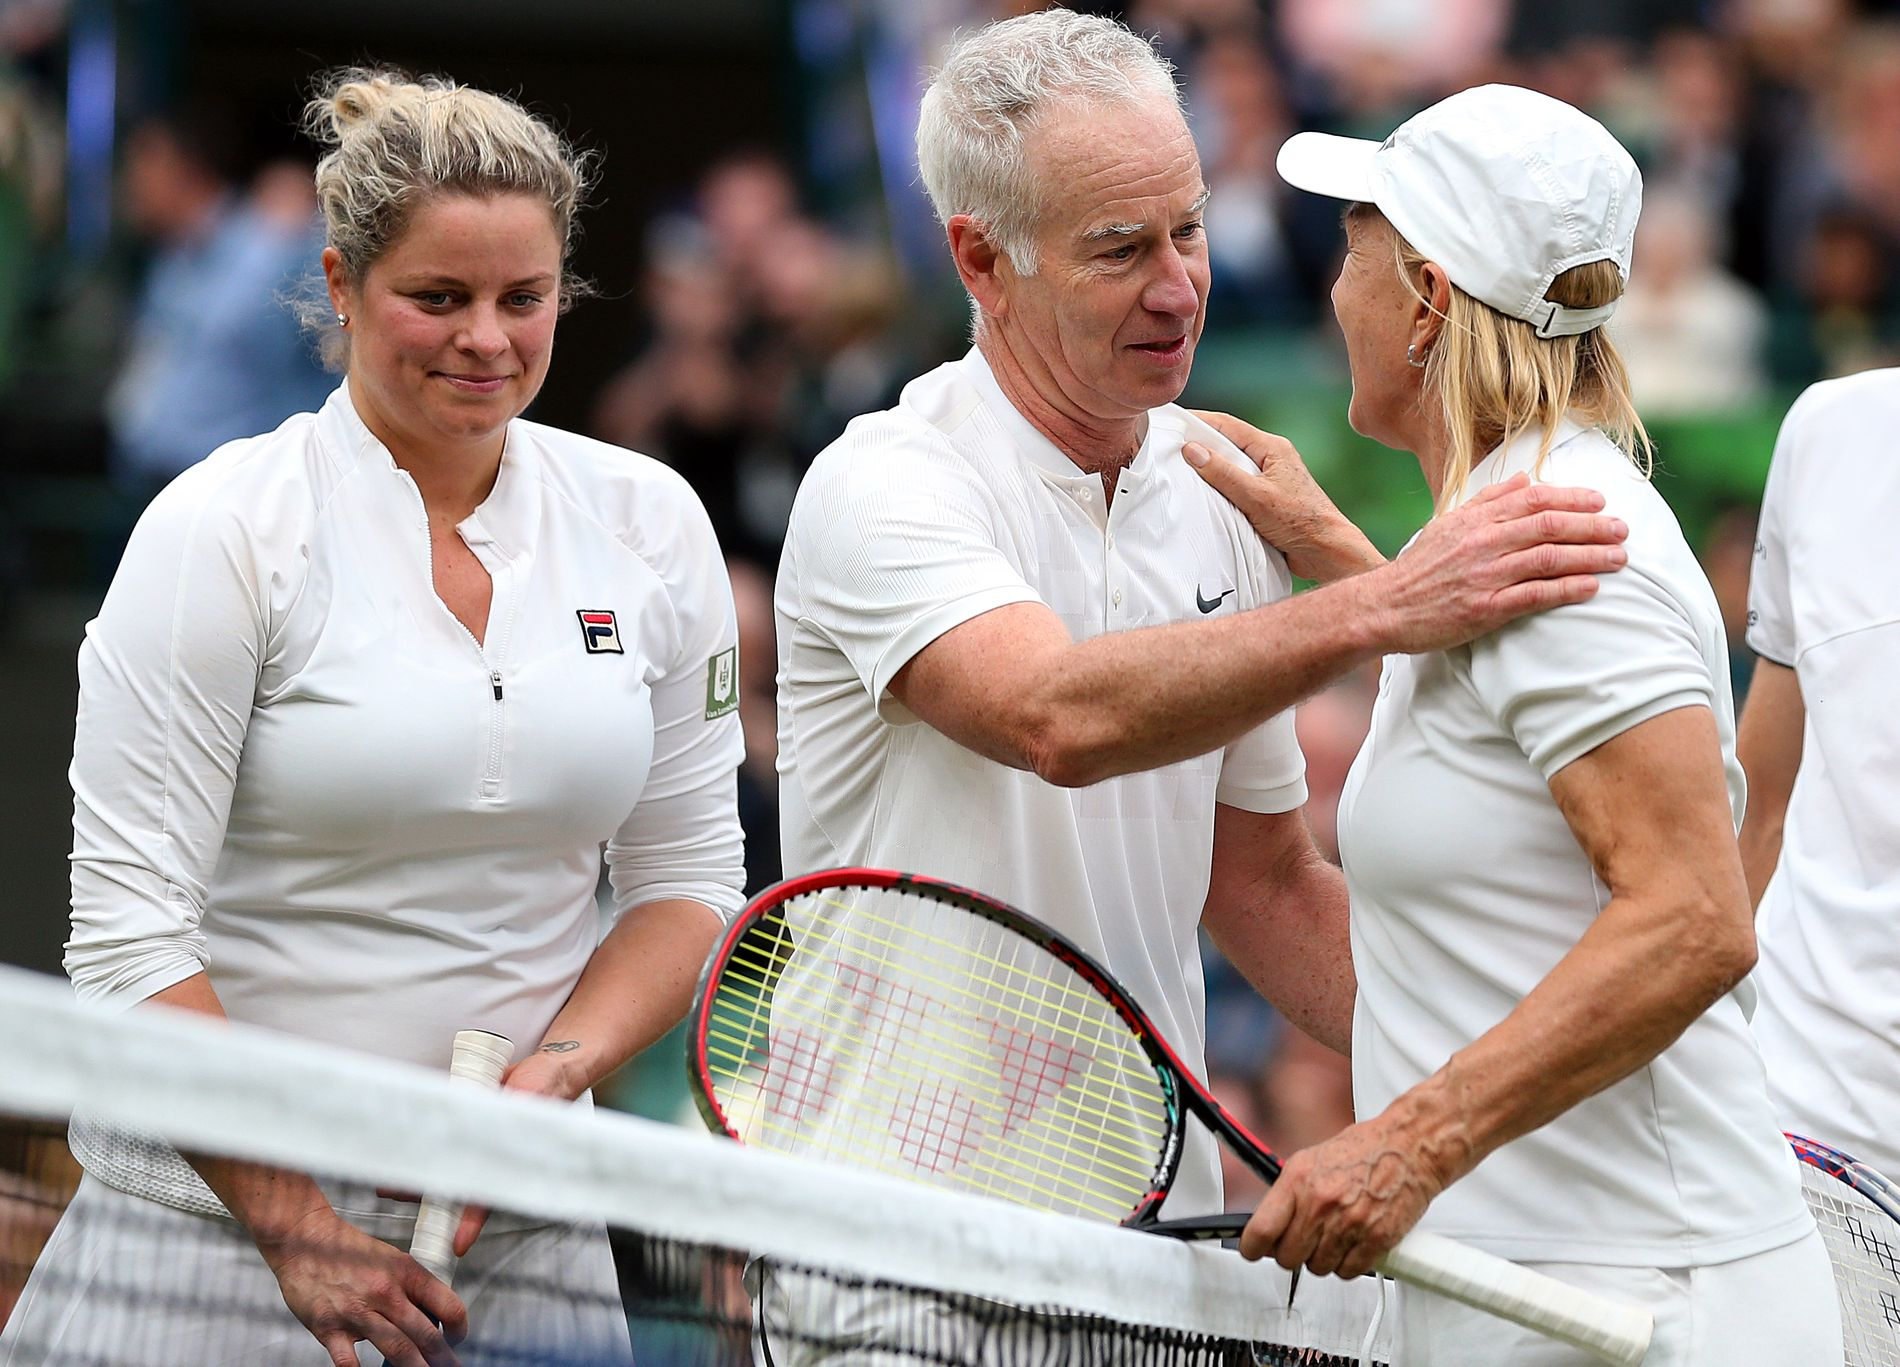 HOLDER KOKEN: Få har vunnet så mye som John McEnroe, nå er han i Paris som Eurosport-ekspert. Tidligere i mai spilte han en showkamp på lag med Kim Clijsters (t.v.) i London. Her takker han Martina Navratilova for kampen.